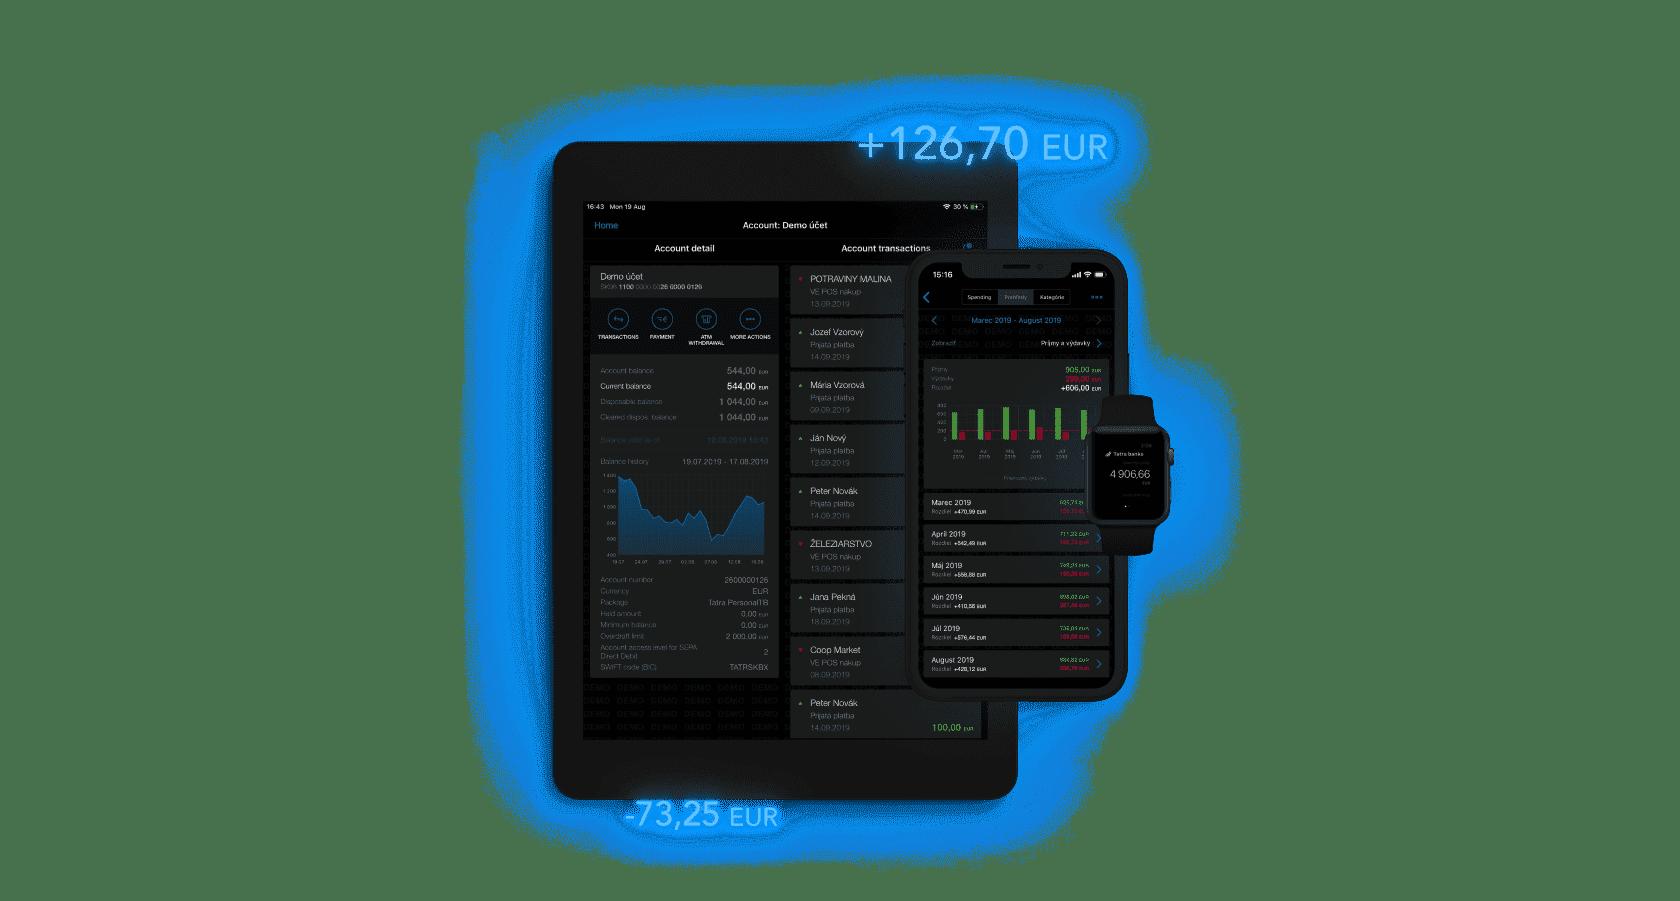 tvorba a vyvoj viac platformovej aplikacie - ios android